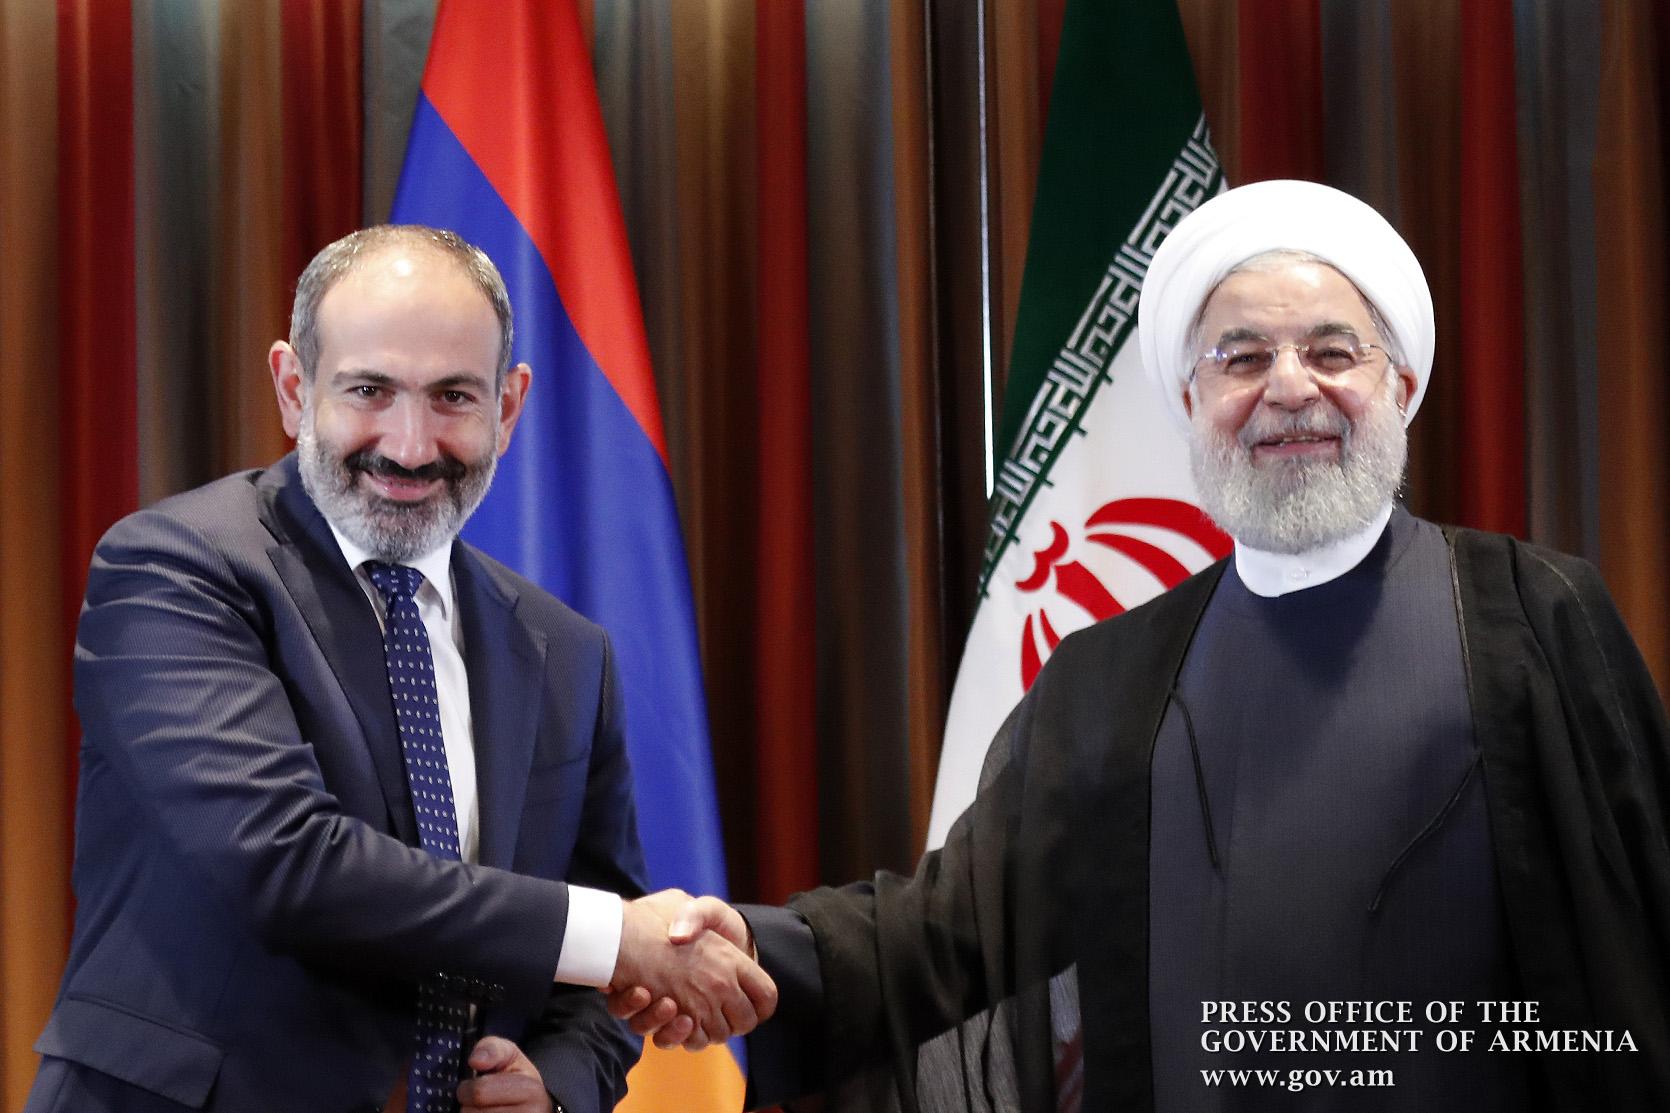 Photo of Լիահույս եմ՝ բարեկամական փոխհարաբերությունների լույսի ներքո երկու ժողովուրդների պայծառ ապագայի ականատեսը կլինենք. Հասան Ռոհանին՝ Նիկոլ Փաշինյանին